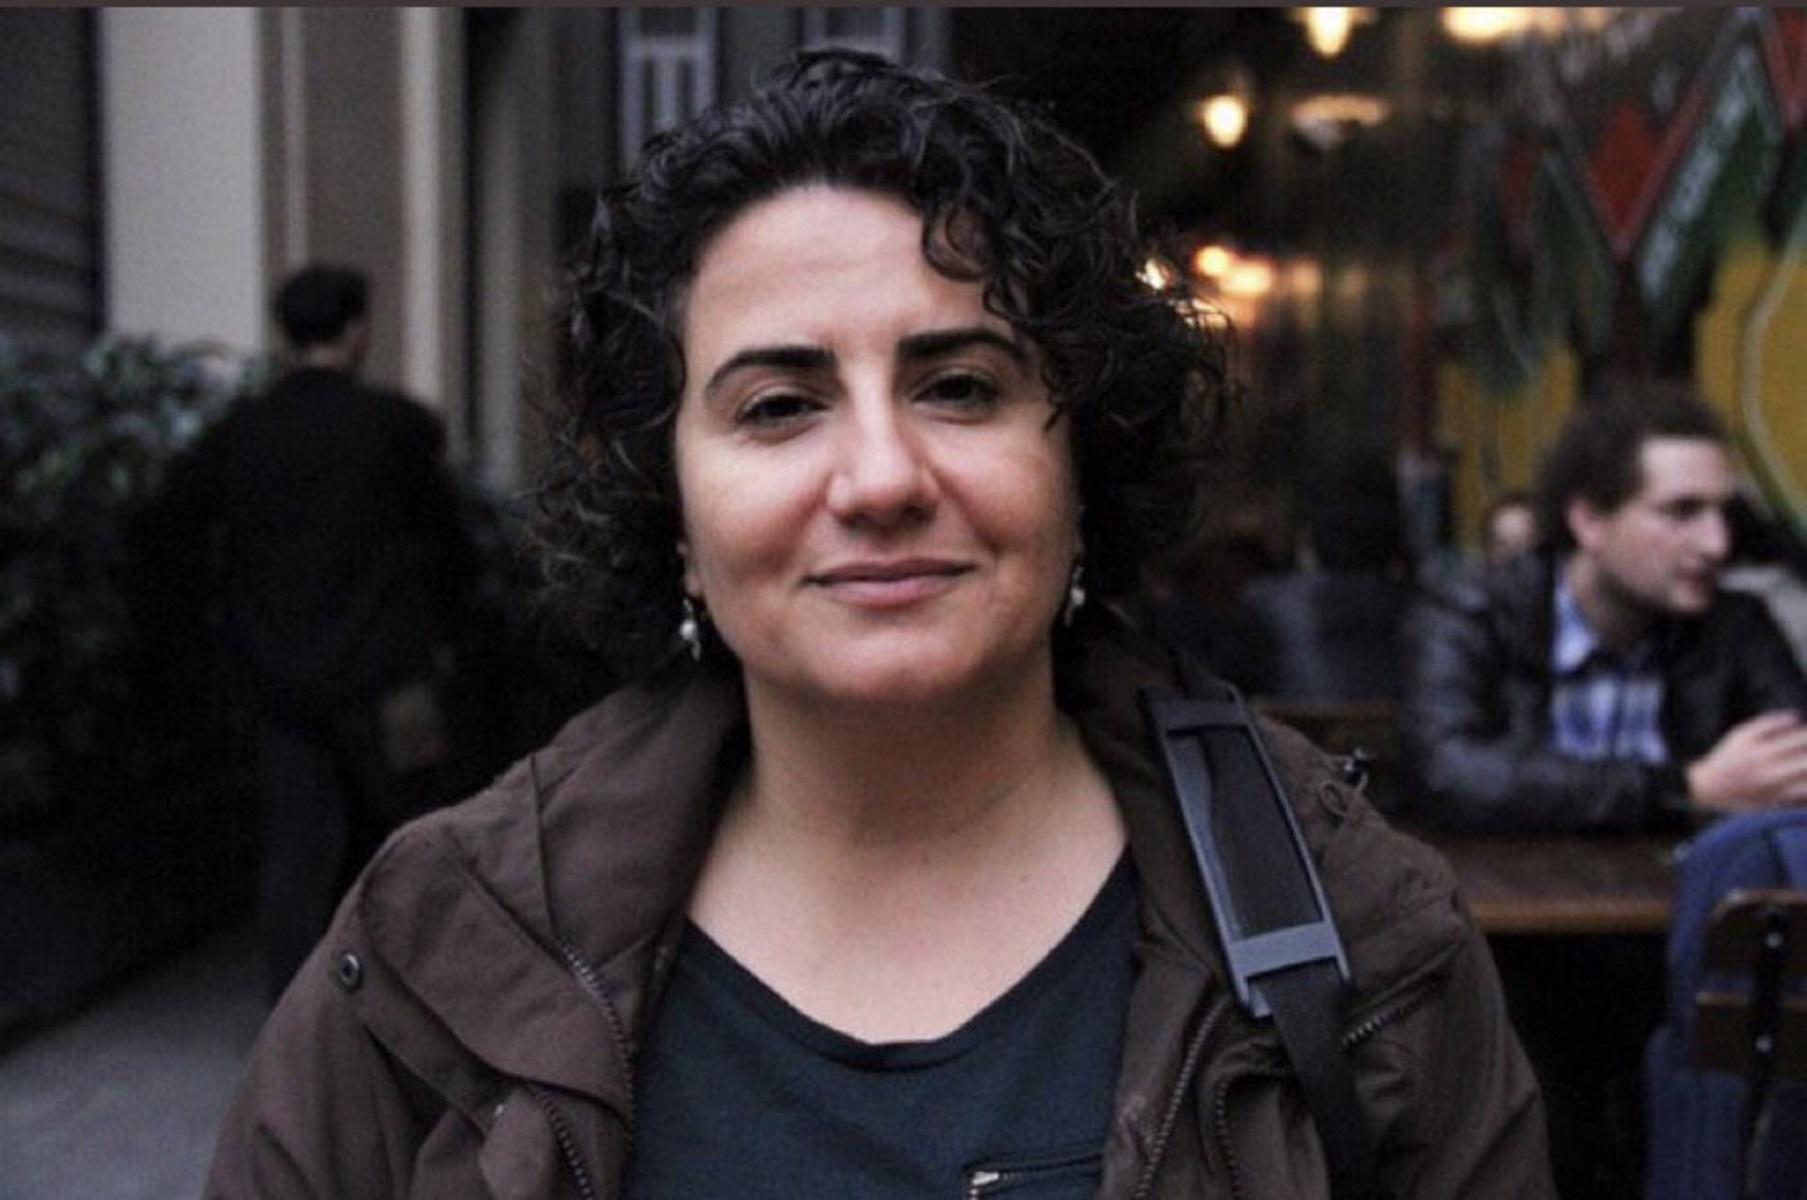 Πέθανε η Εμπρού Τιμτίκ μετά από 238 ημέρες απεργία πείνας στη φυλακή